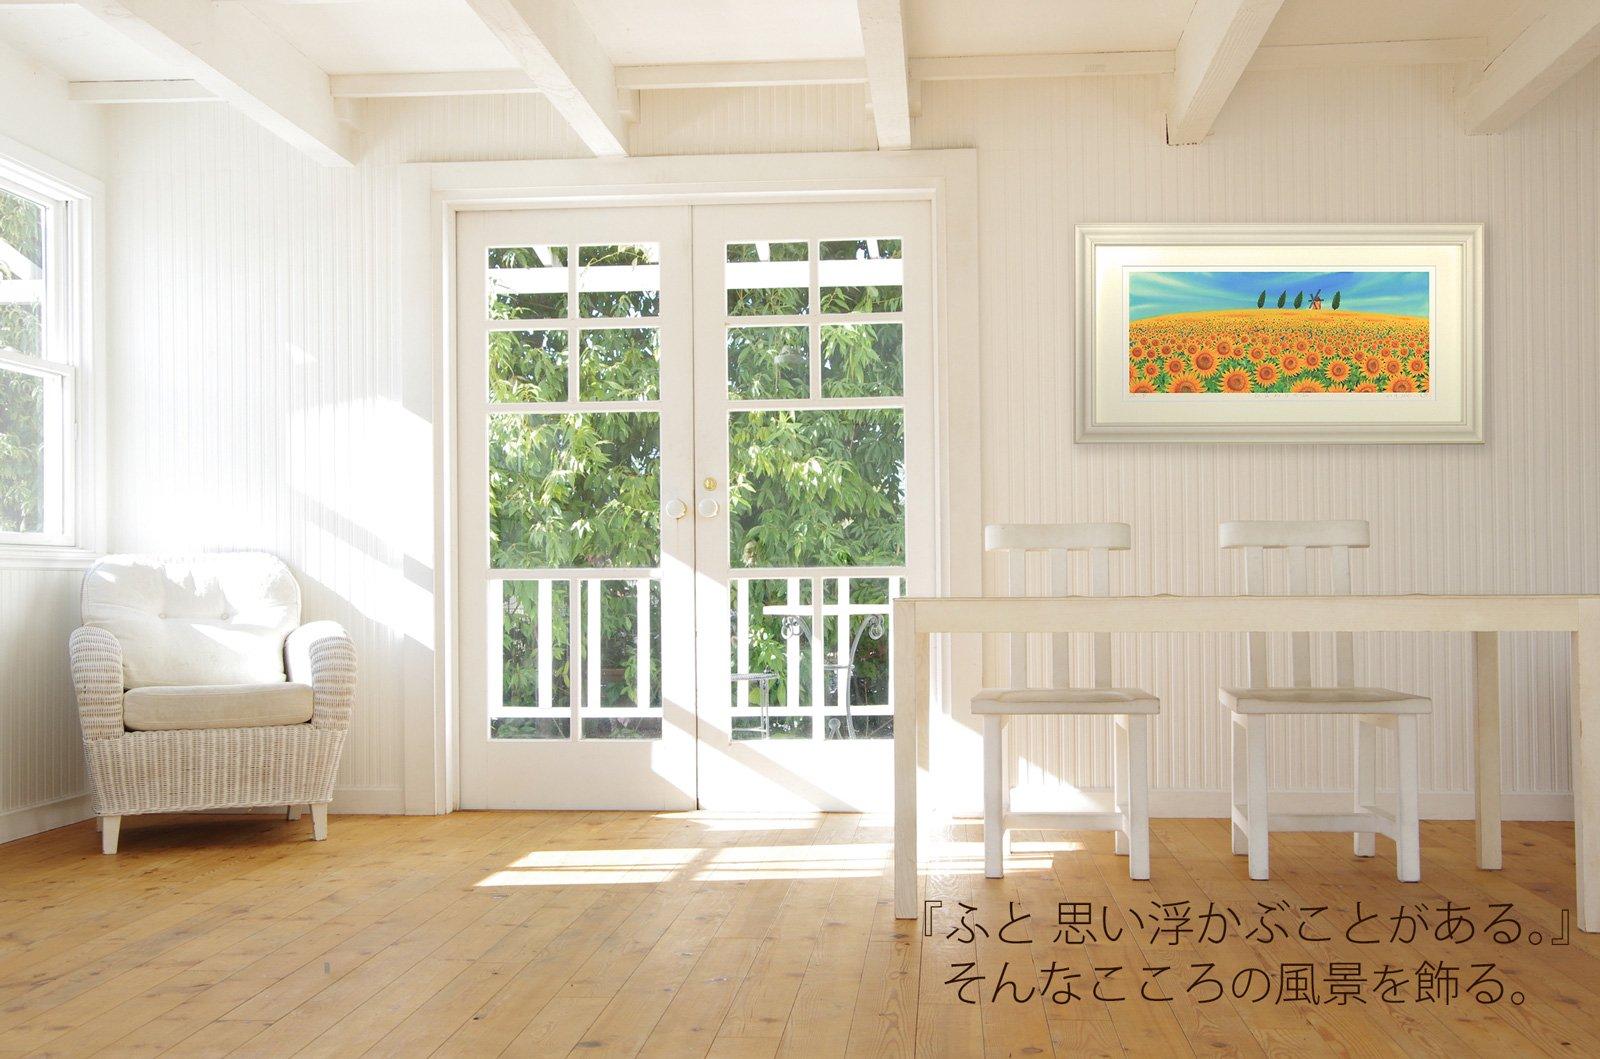 《絵画 水彩画》湖畔の教会2〔栗乃木ハルミ くりのきはるみ 〕